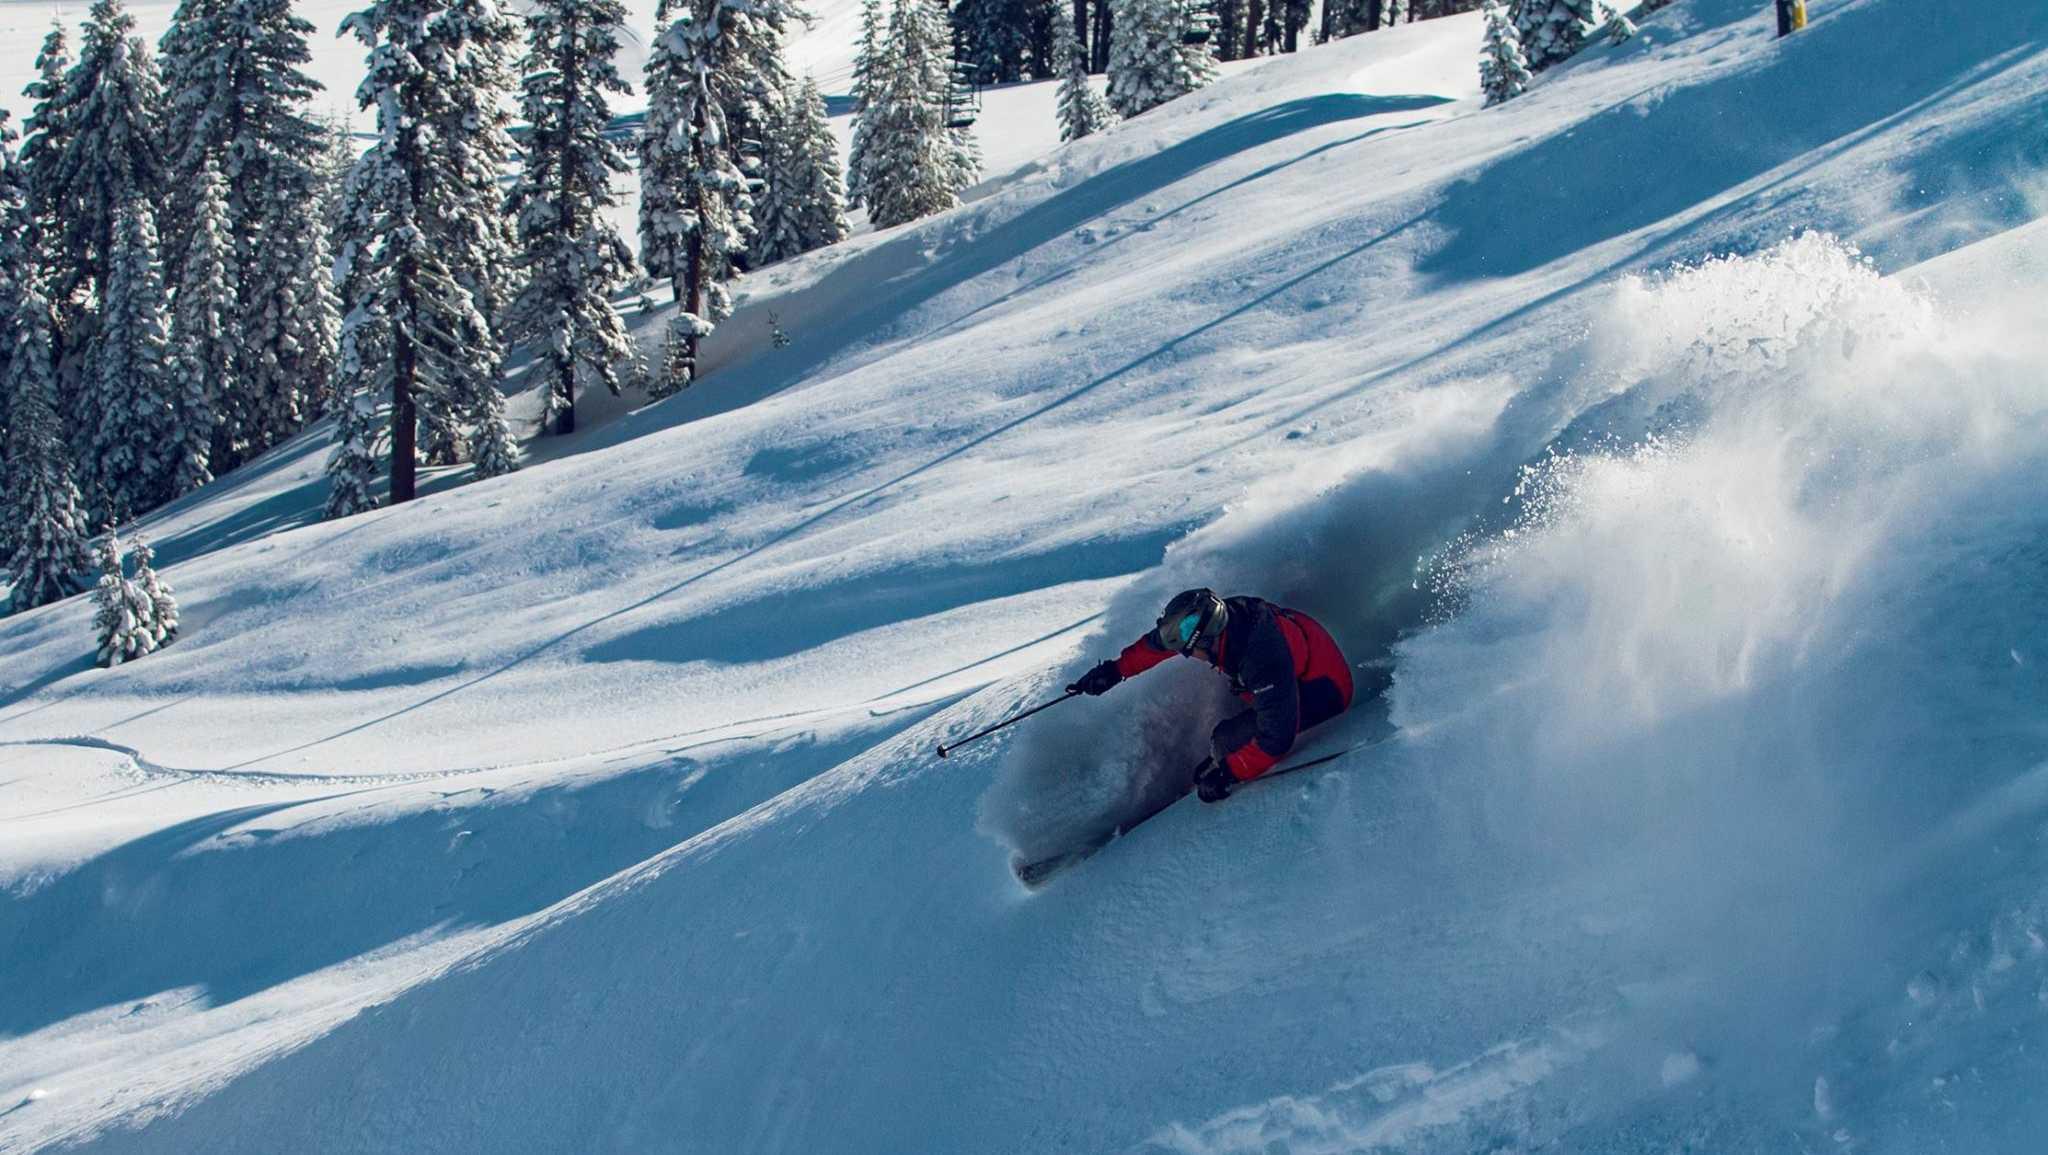 Brian Hickey skiing at Sugar Bowl